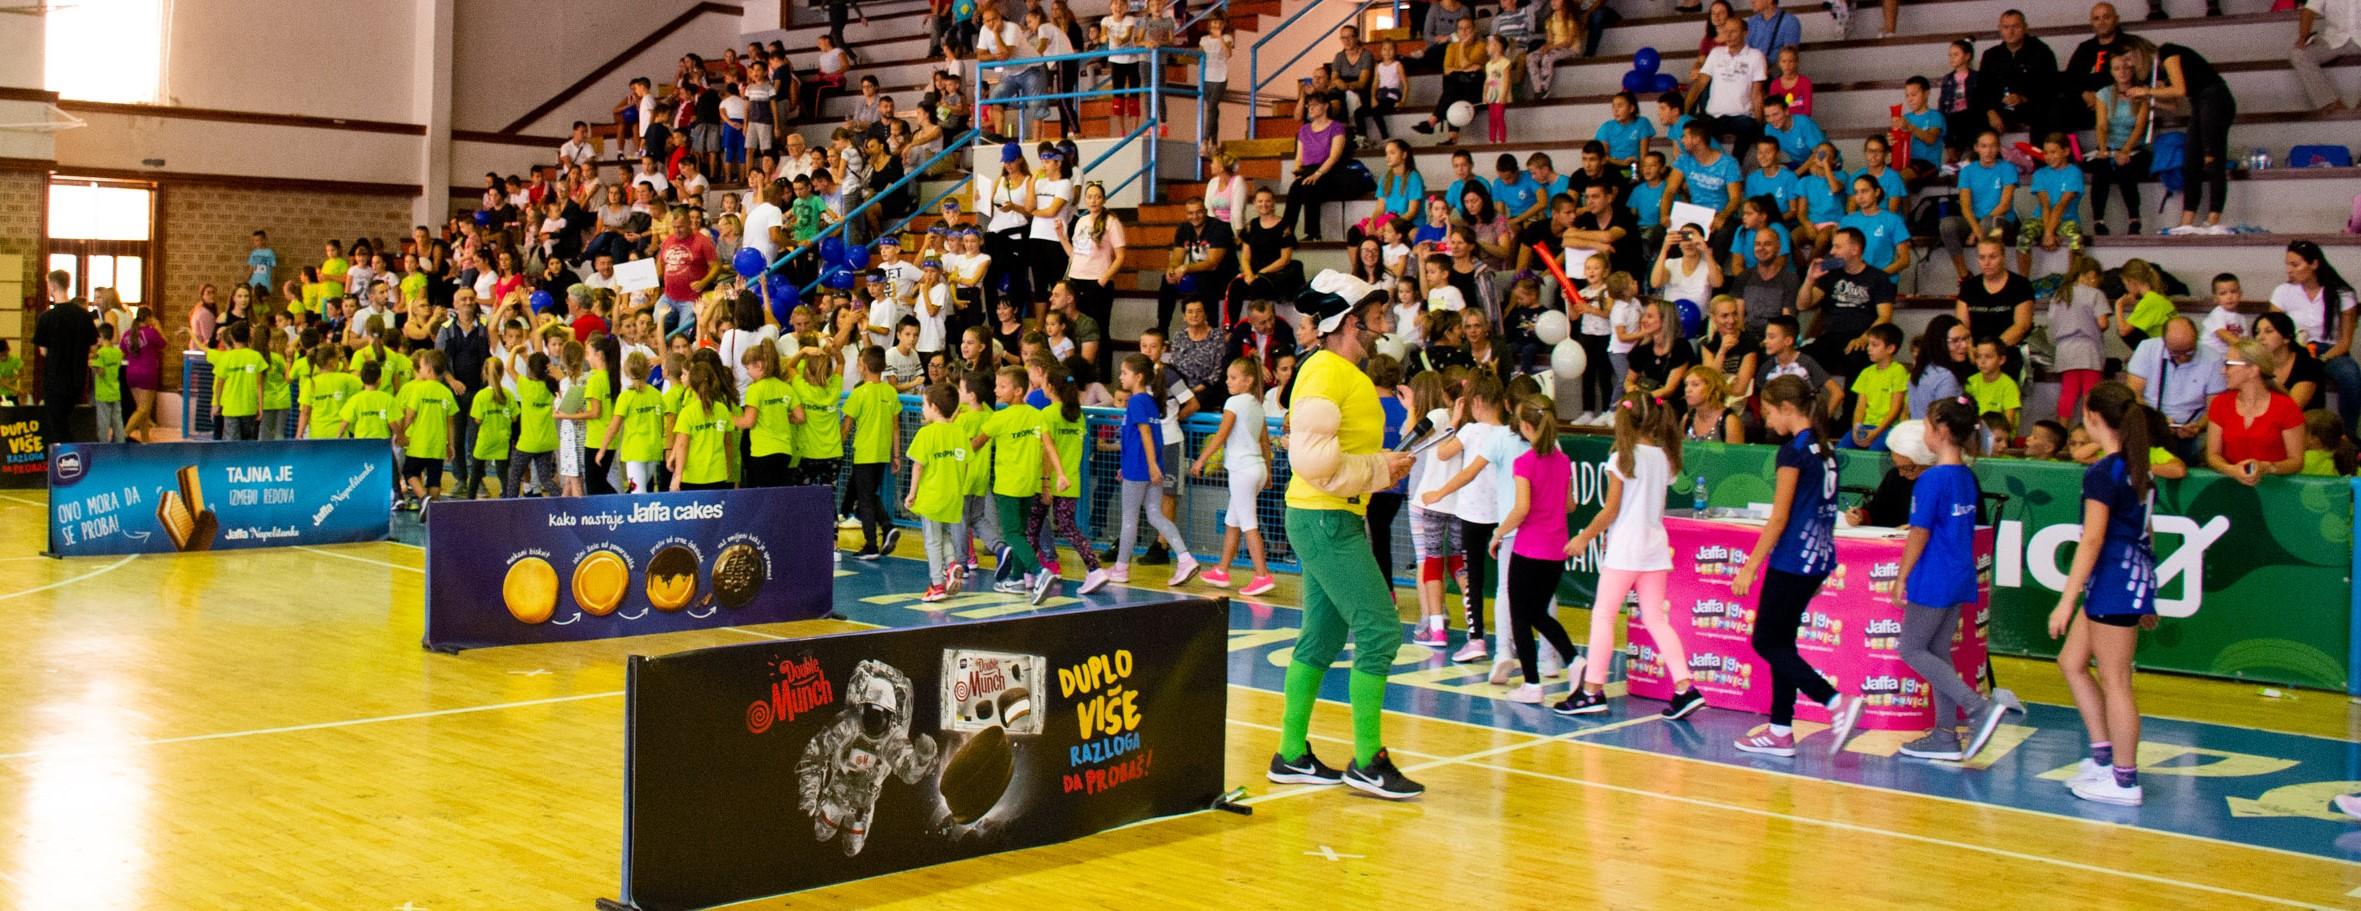 Igre Bez granica u Mostaru 18. oktobra mamaklik